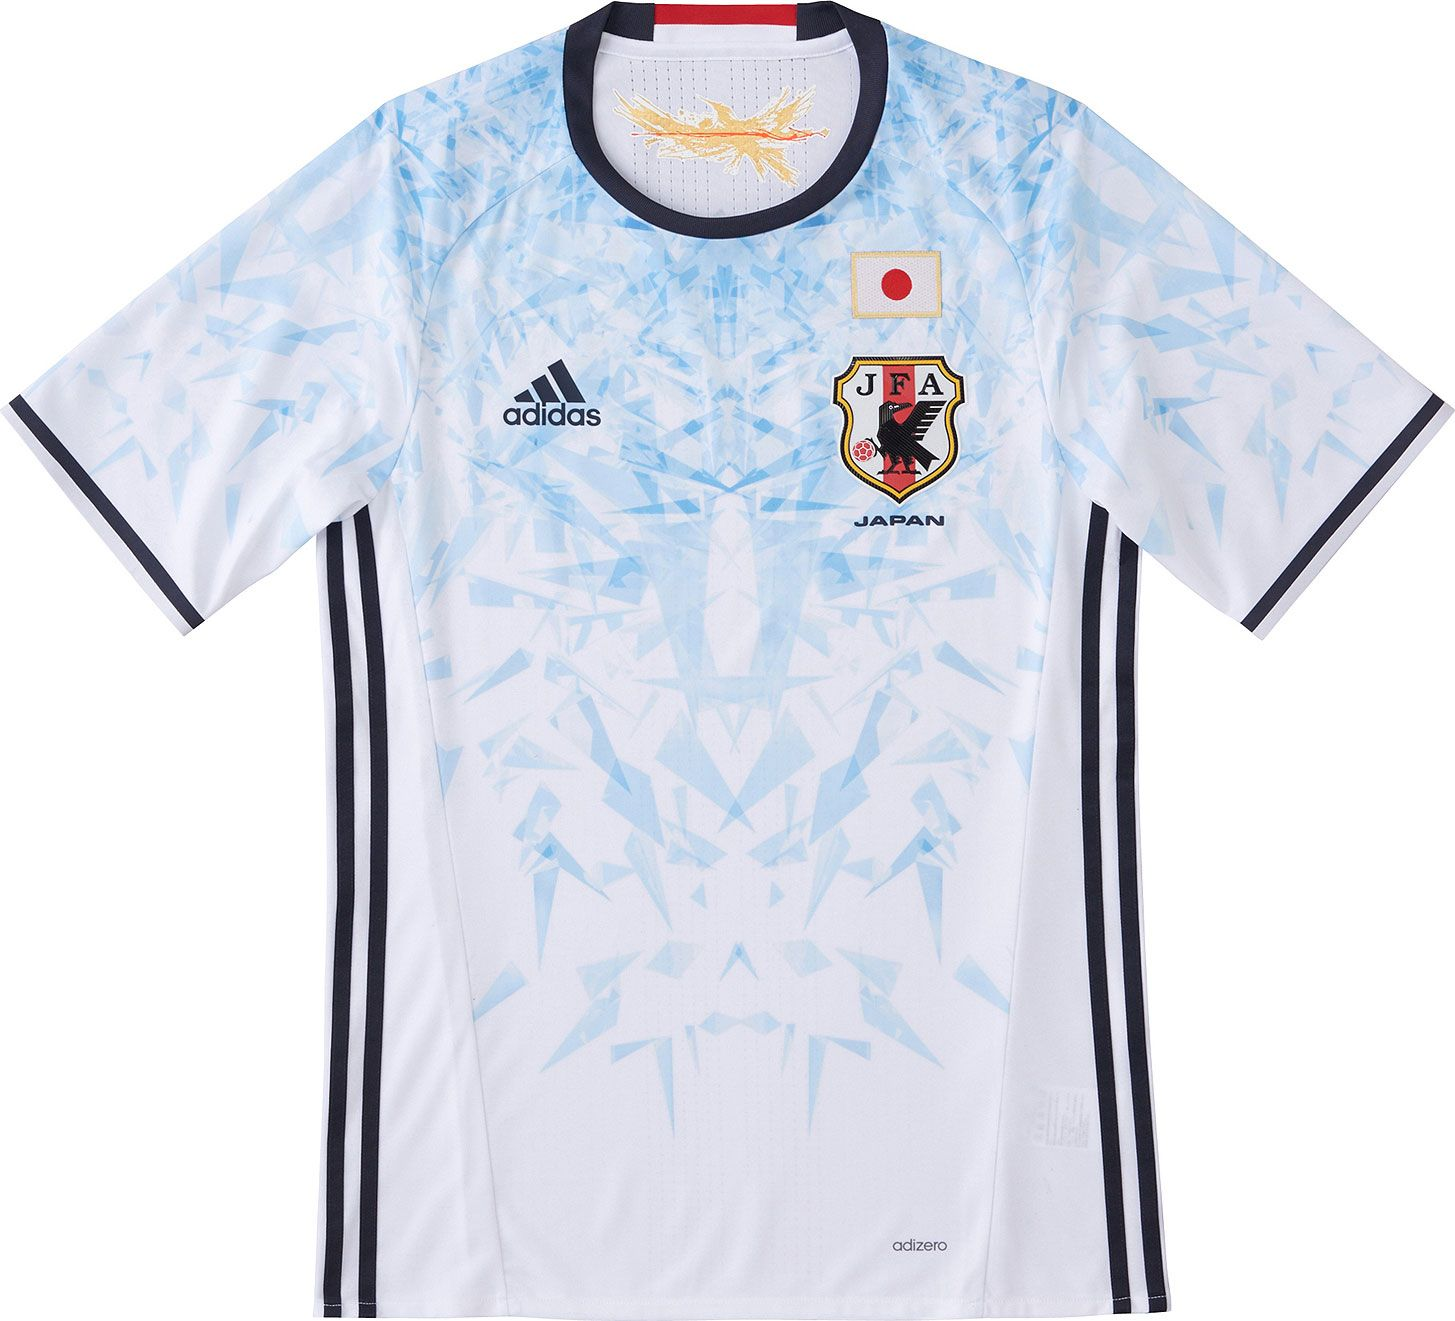 40d1ff9f8597b Adidas apresenta novas camisas da seleção do Japão - Show de Camisas